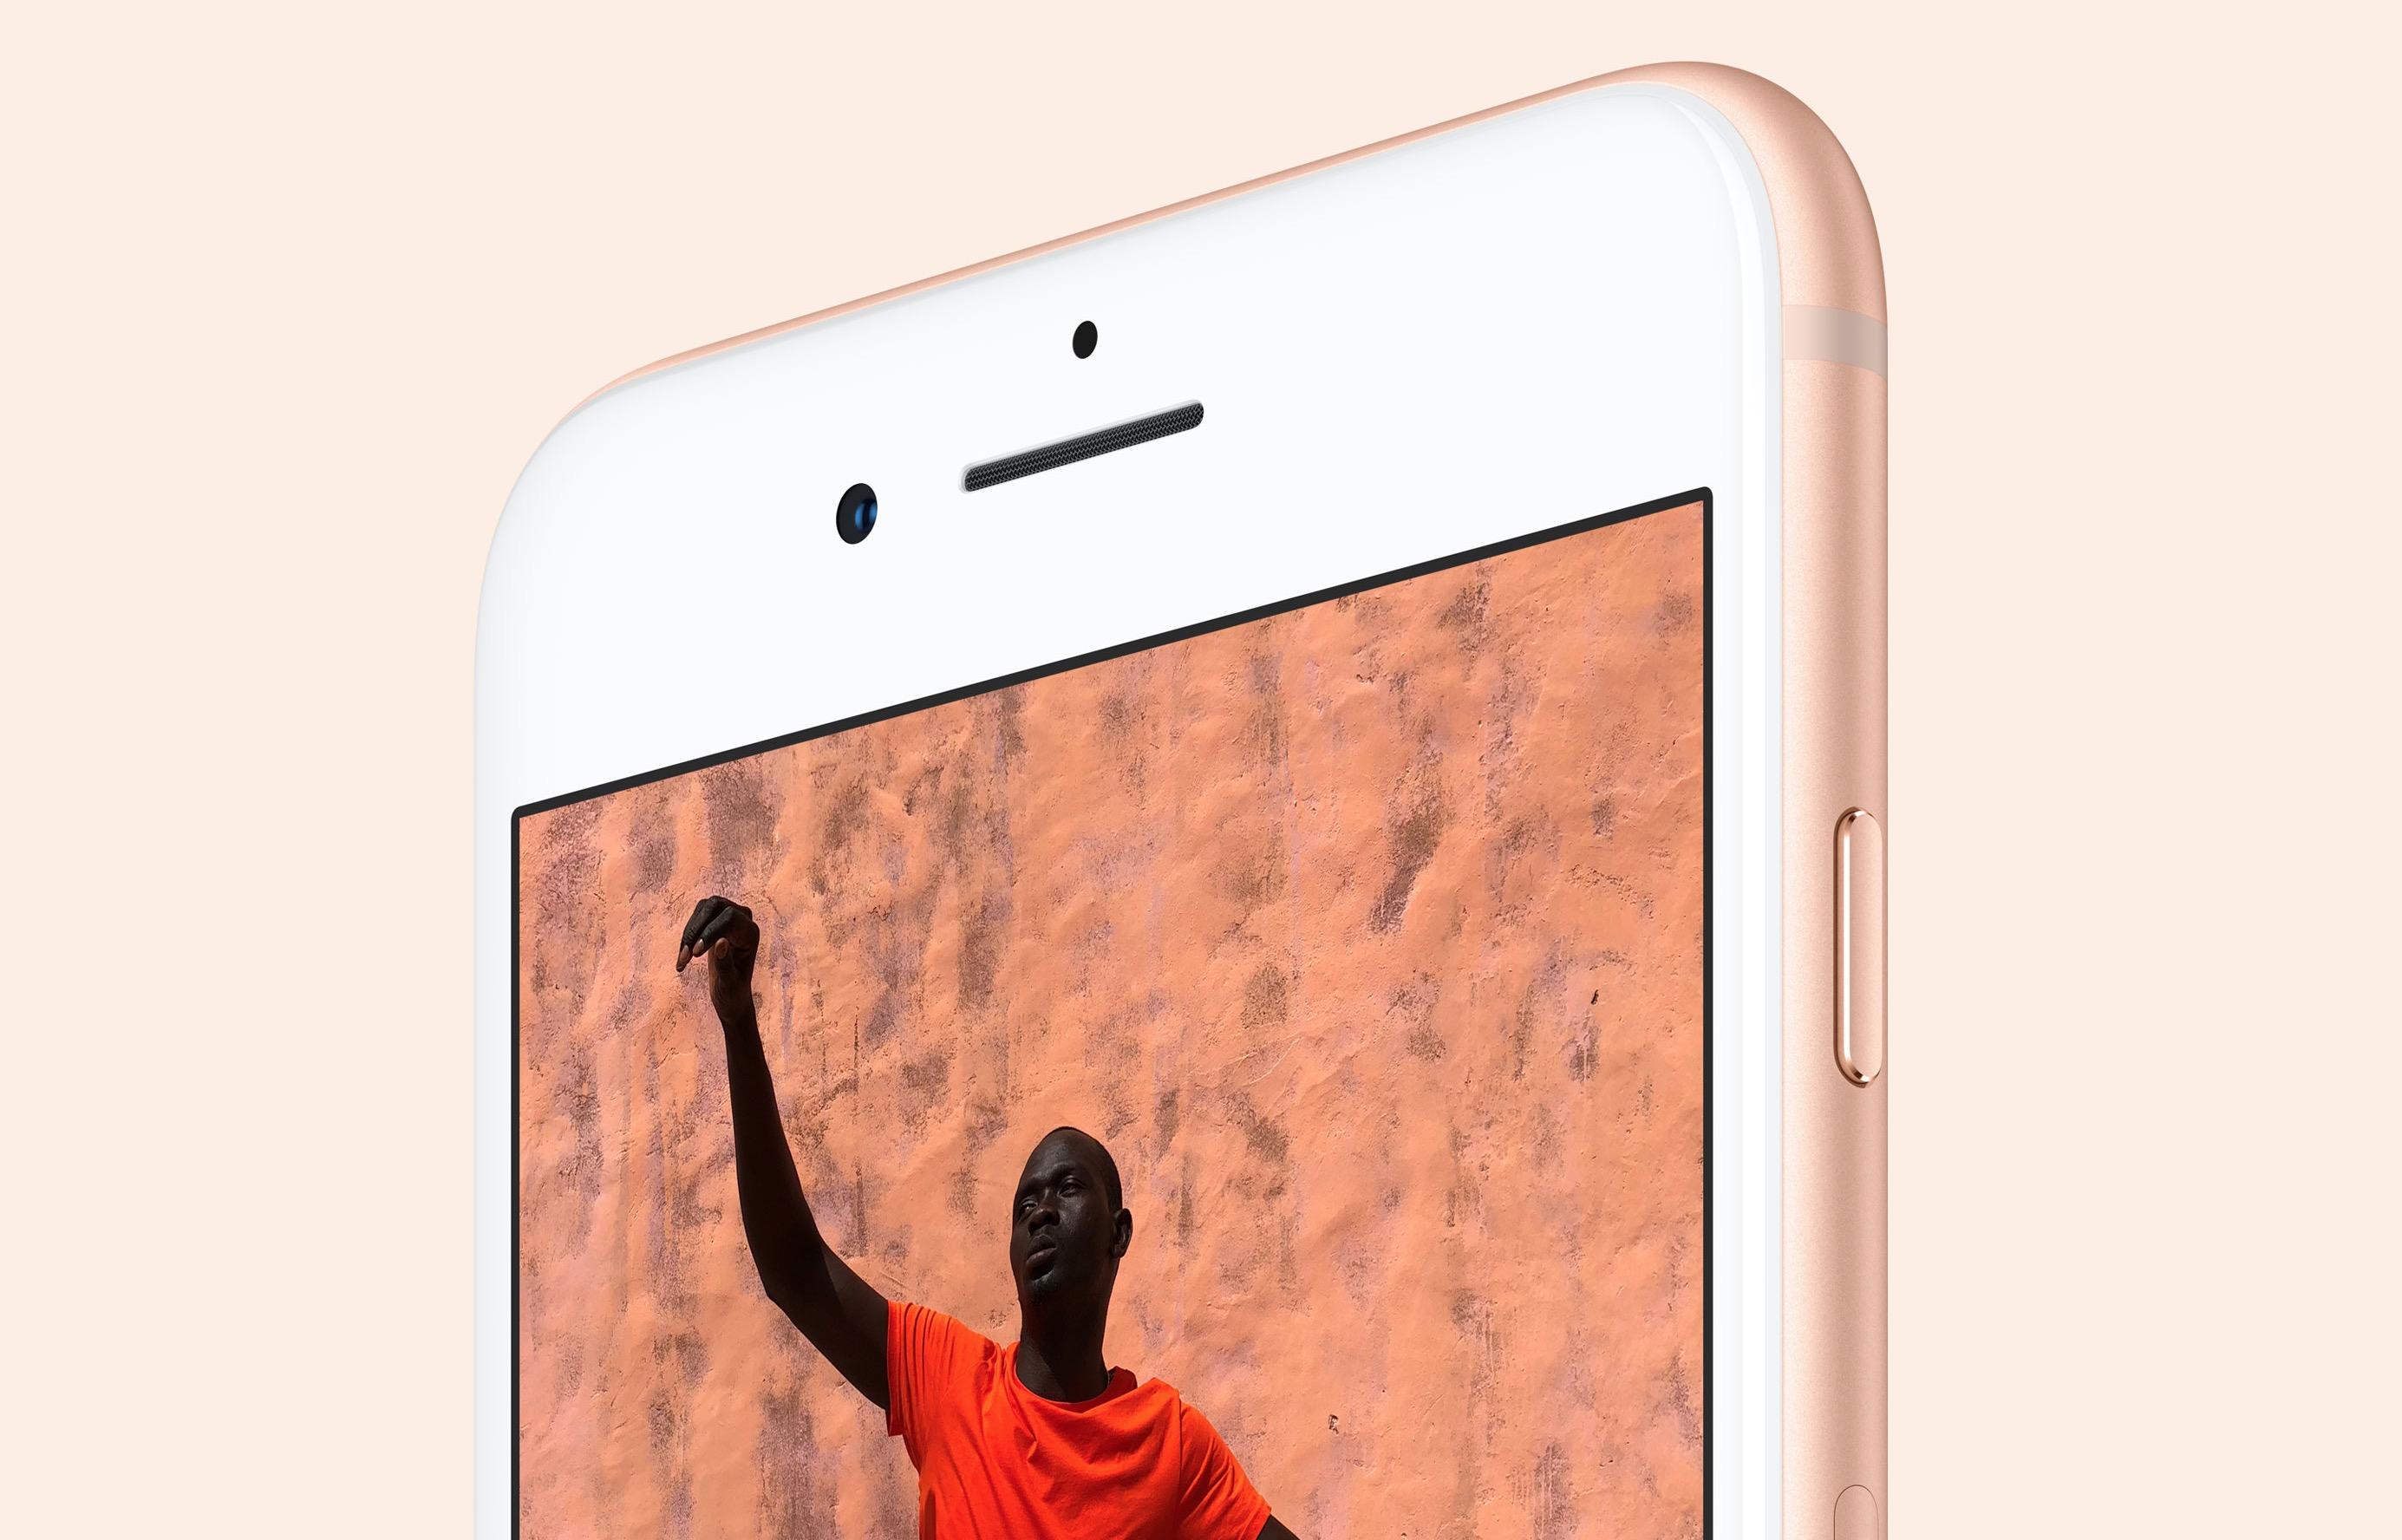 iPhone 8 Plus prezzo Italia